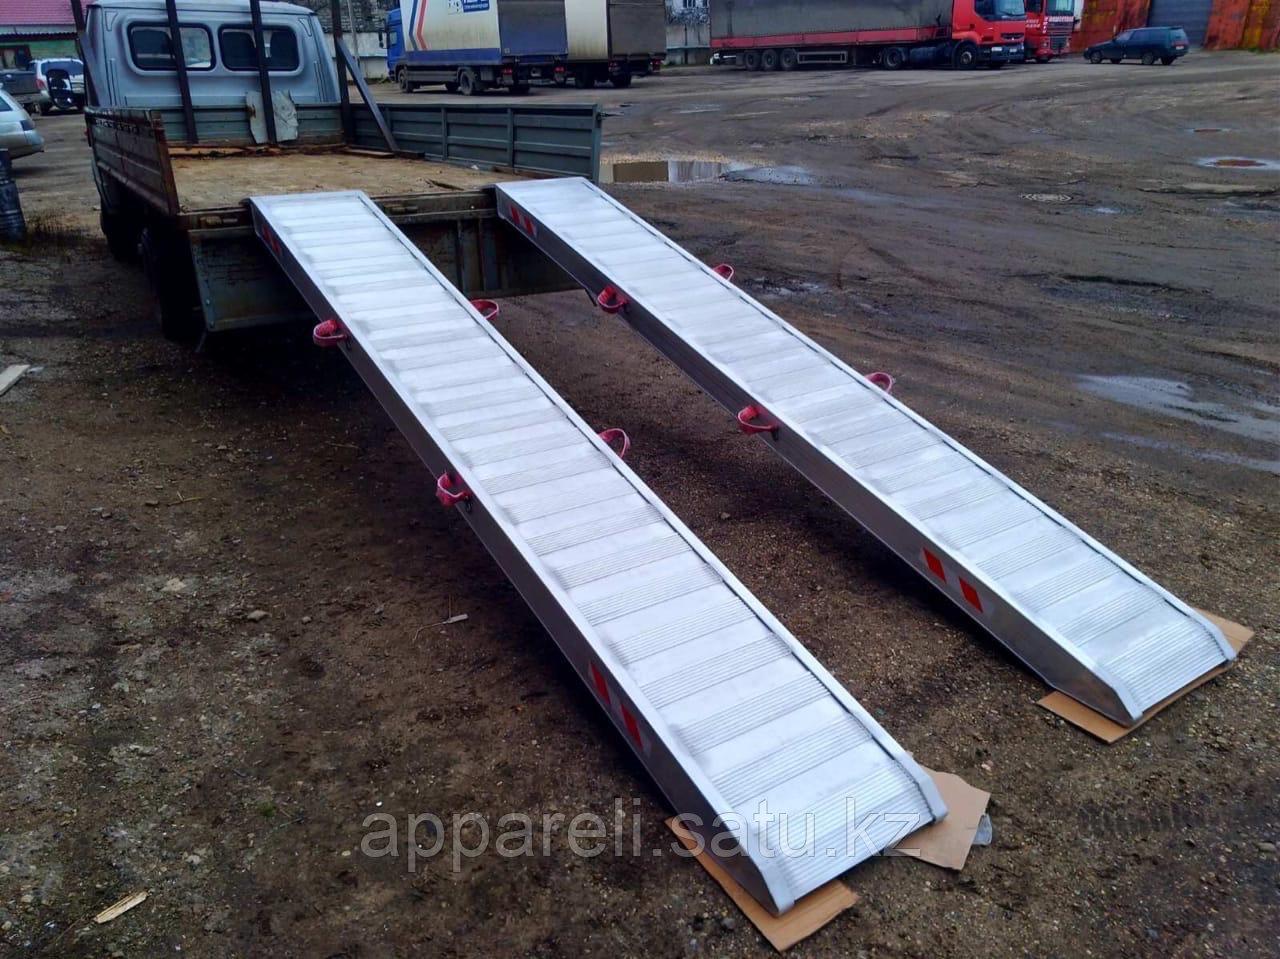 Погрузочные рампы из алюминия (аппарели / трапы) 10 тонн